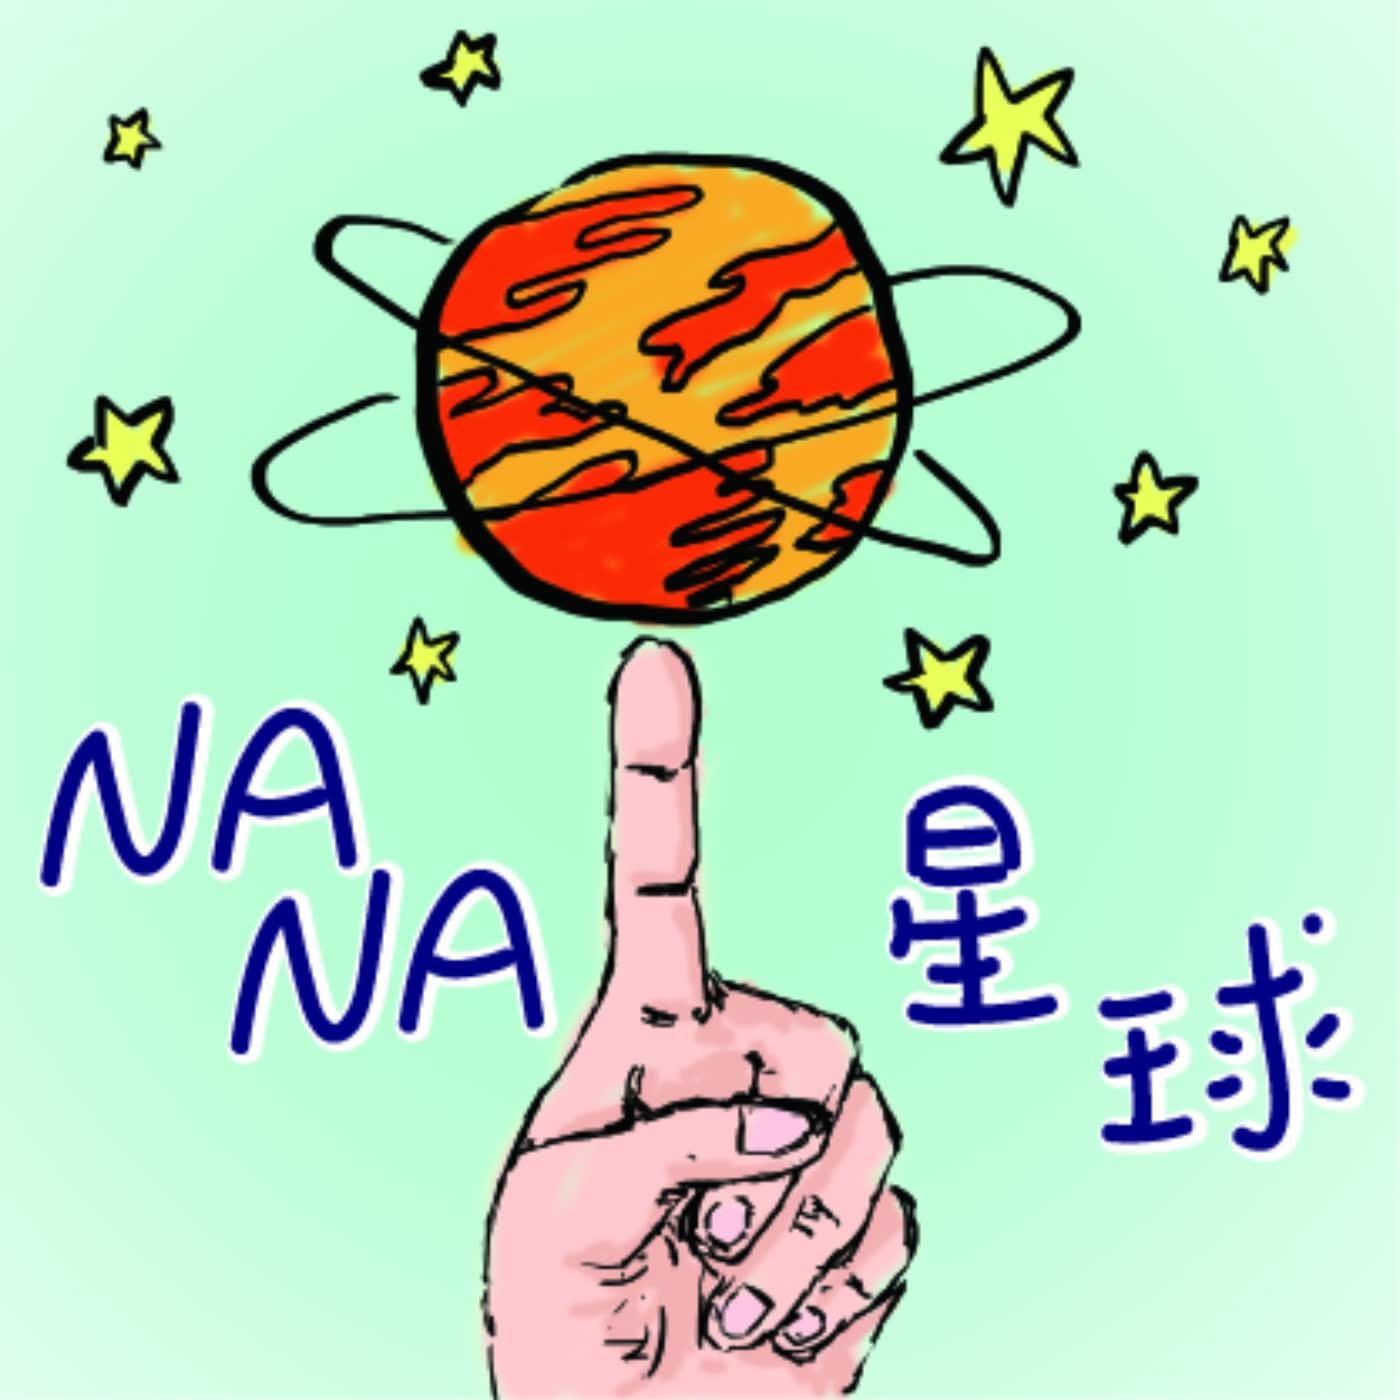 NANA星球